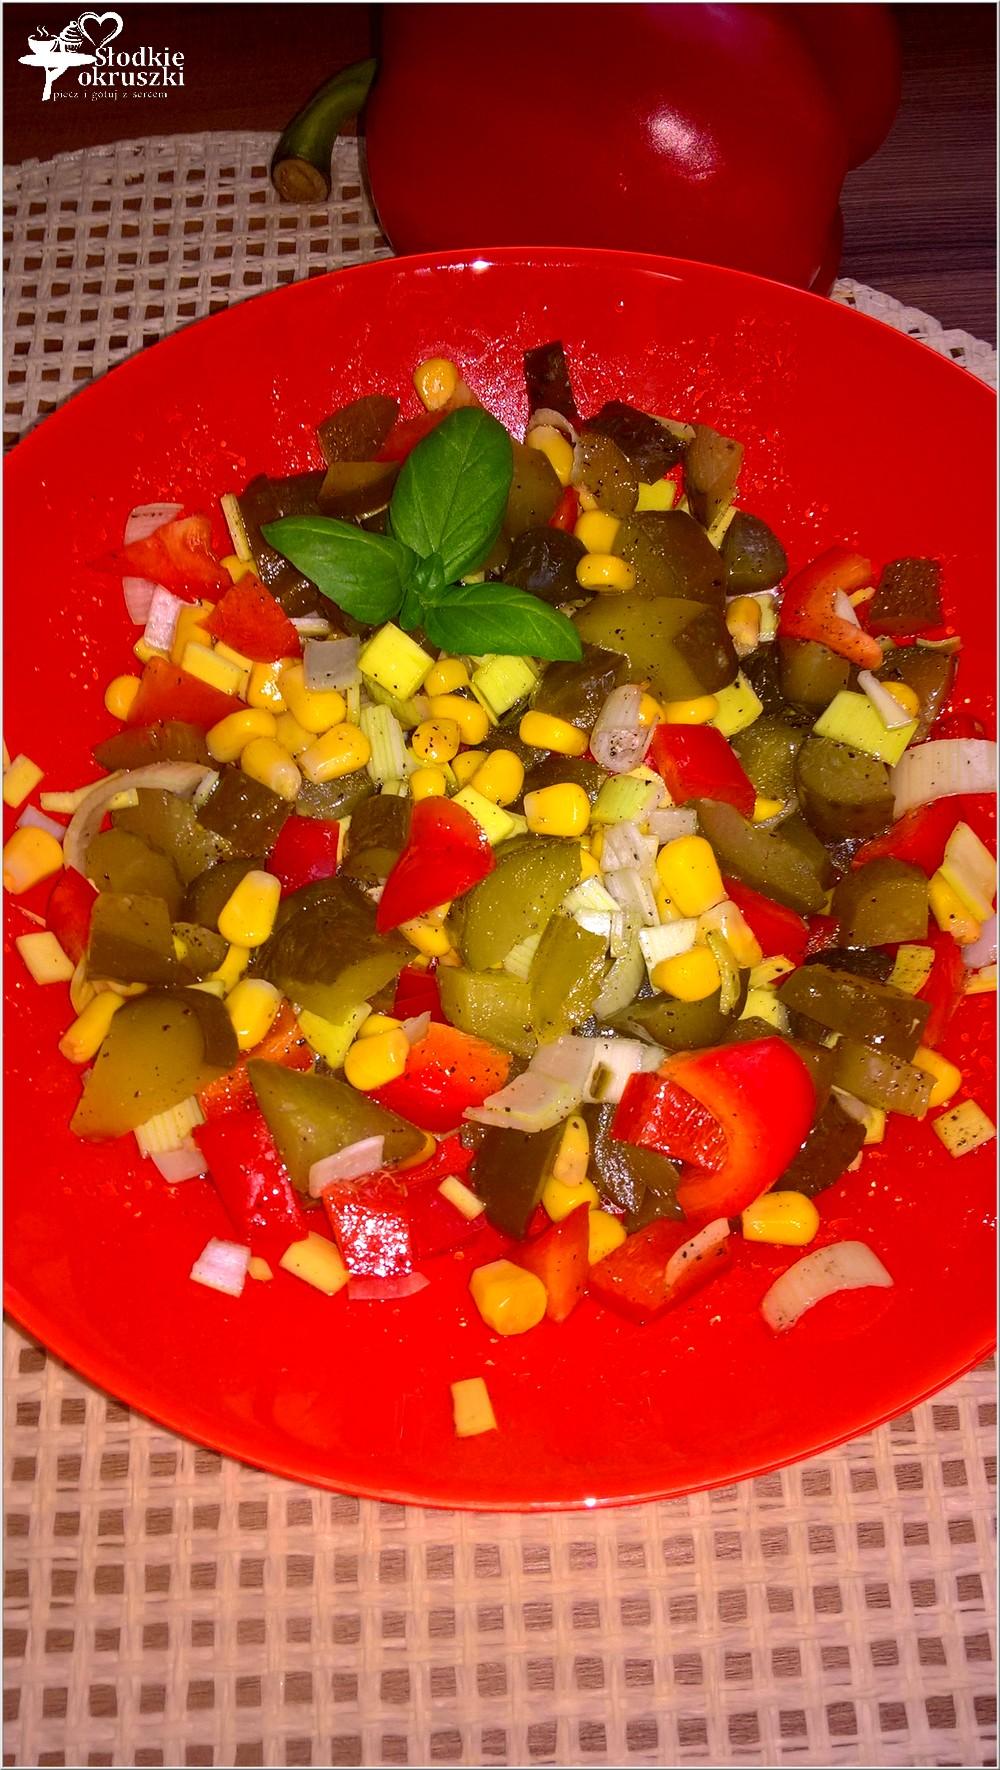 salatka-z-ogorkiem-kiszonym-papryka-i-kukurydza-1